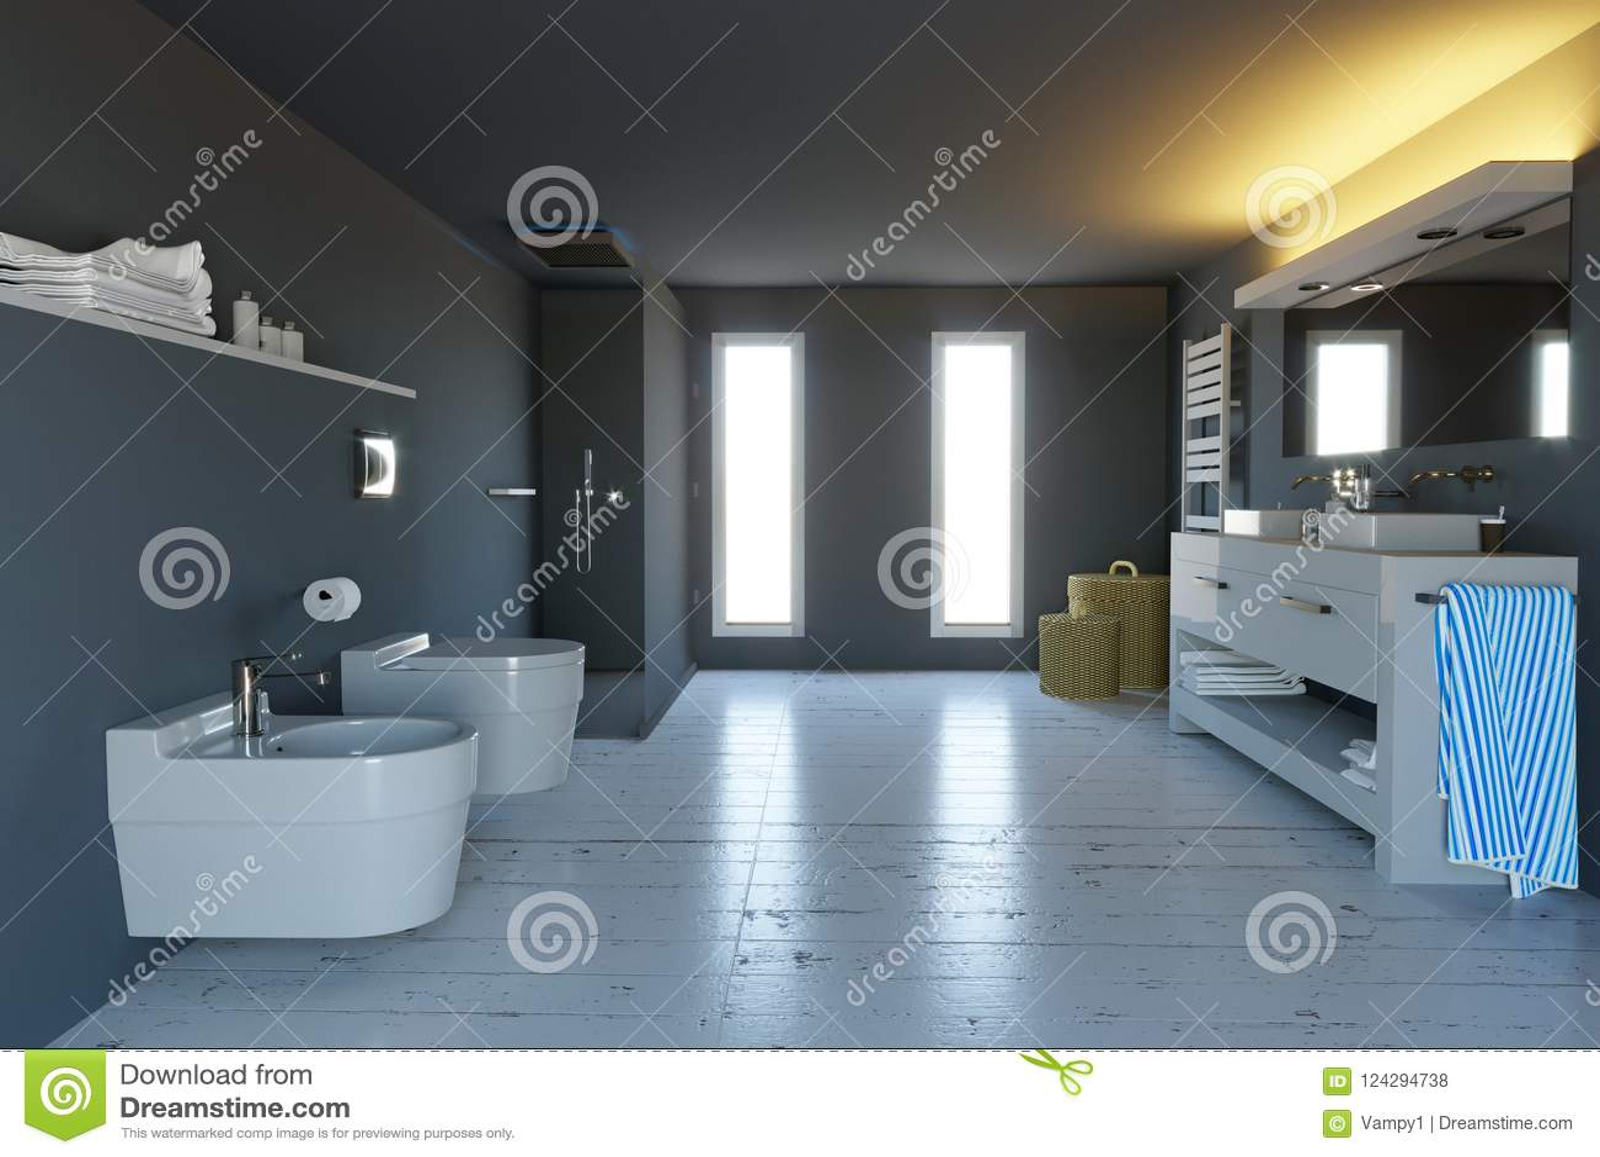 Bagno moderno pulito con sanitari completi u foto stock gilas